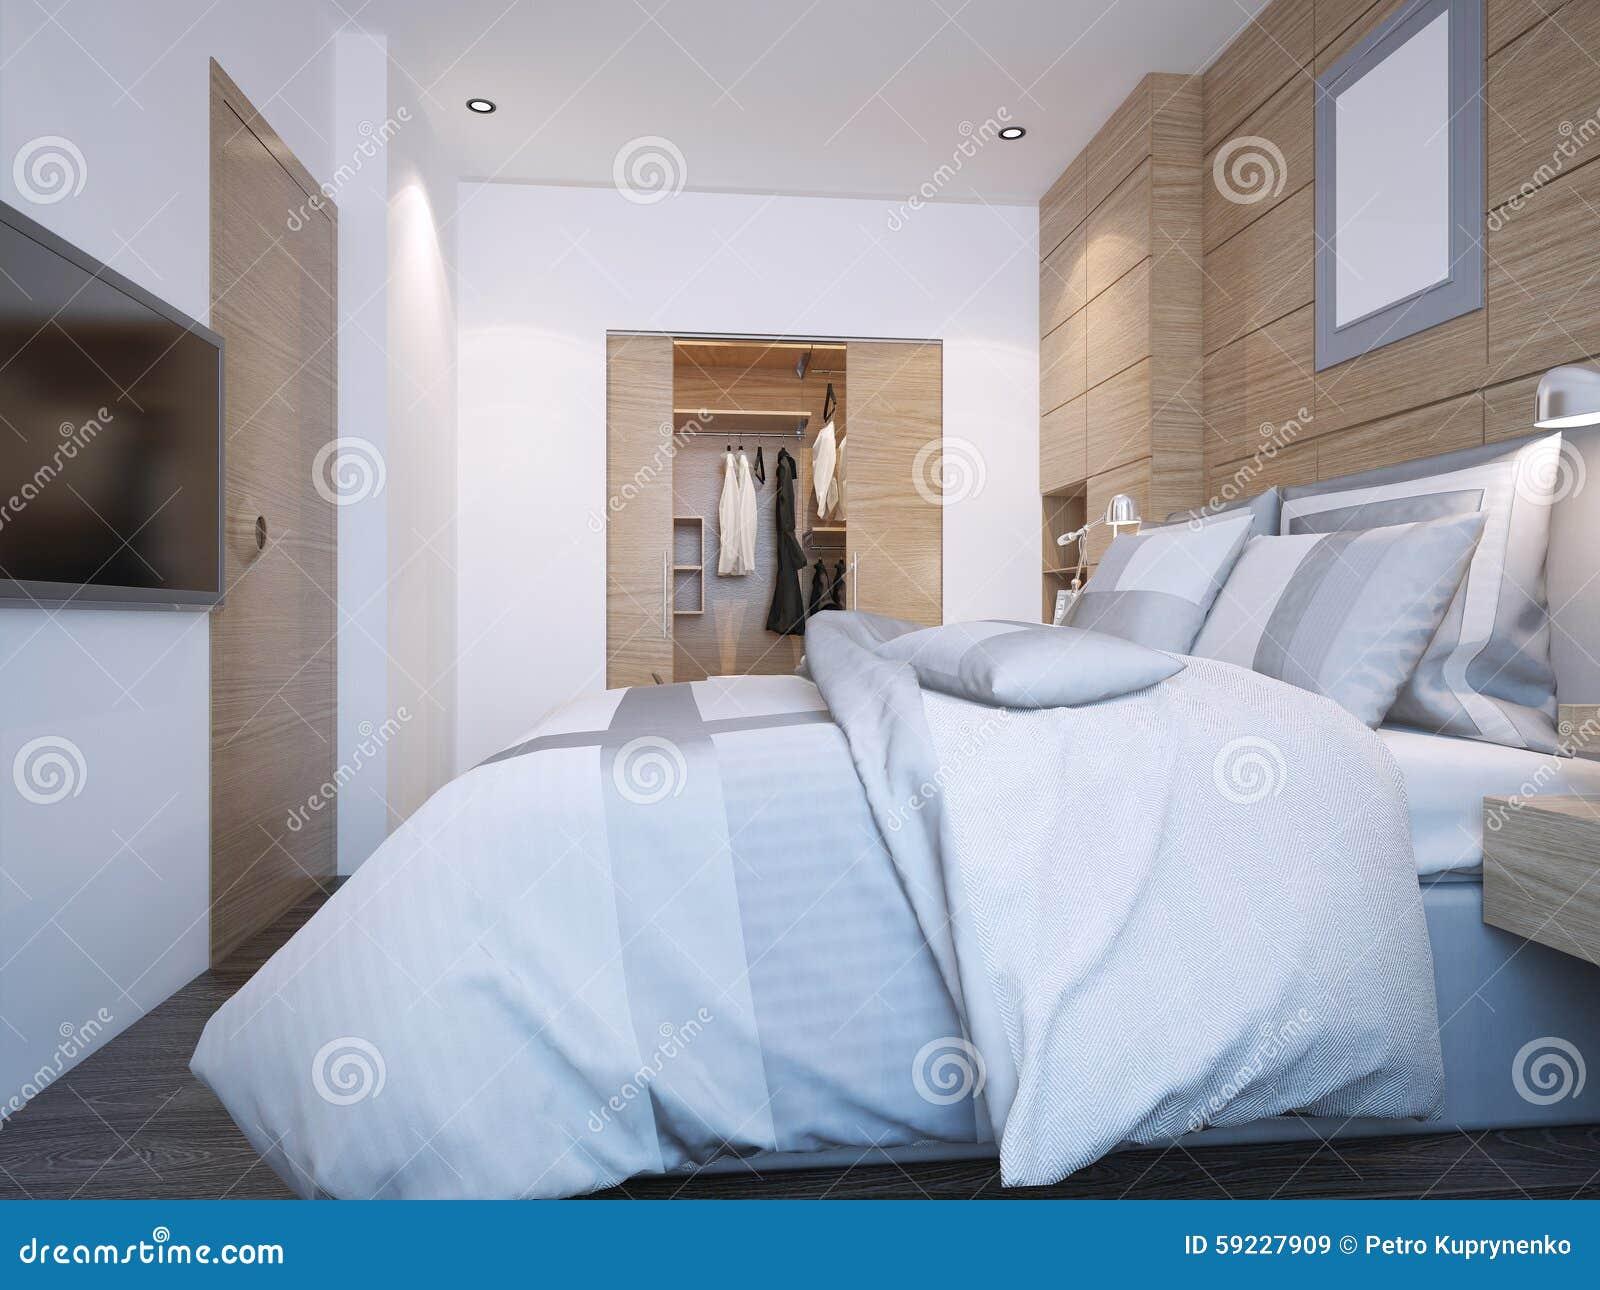 Download Diseño De Dormitorio Moderno Stock de ilustración - Ilustración de vestido, dormitorio: 59227909